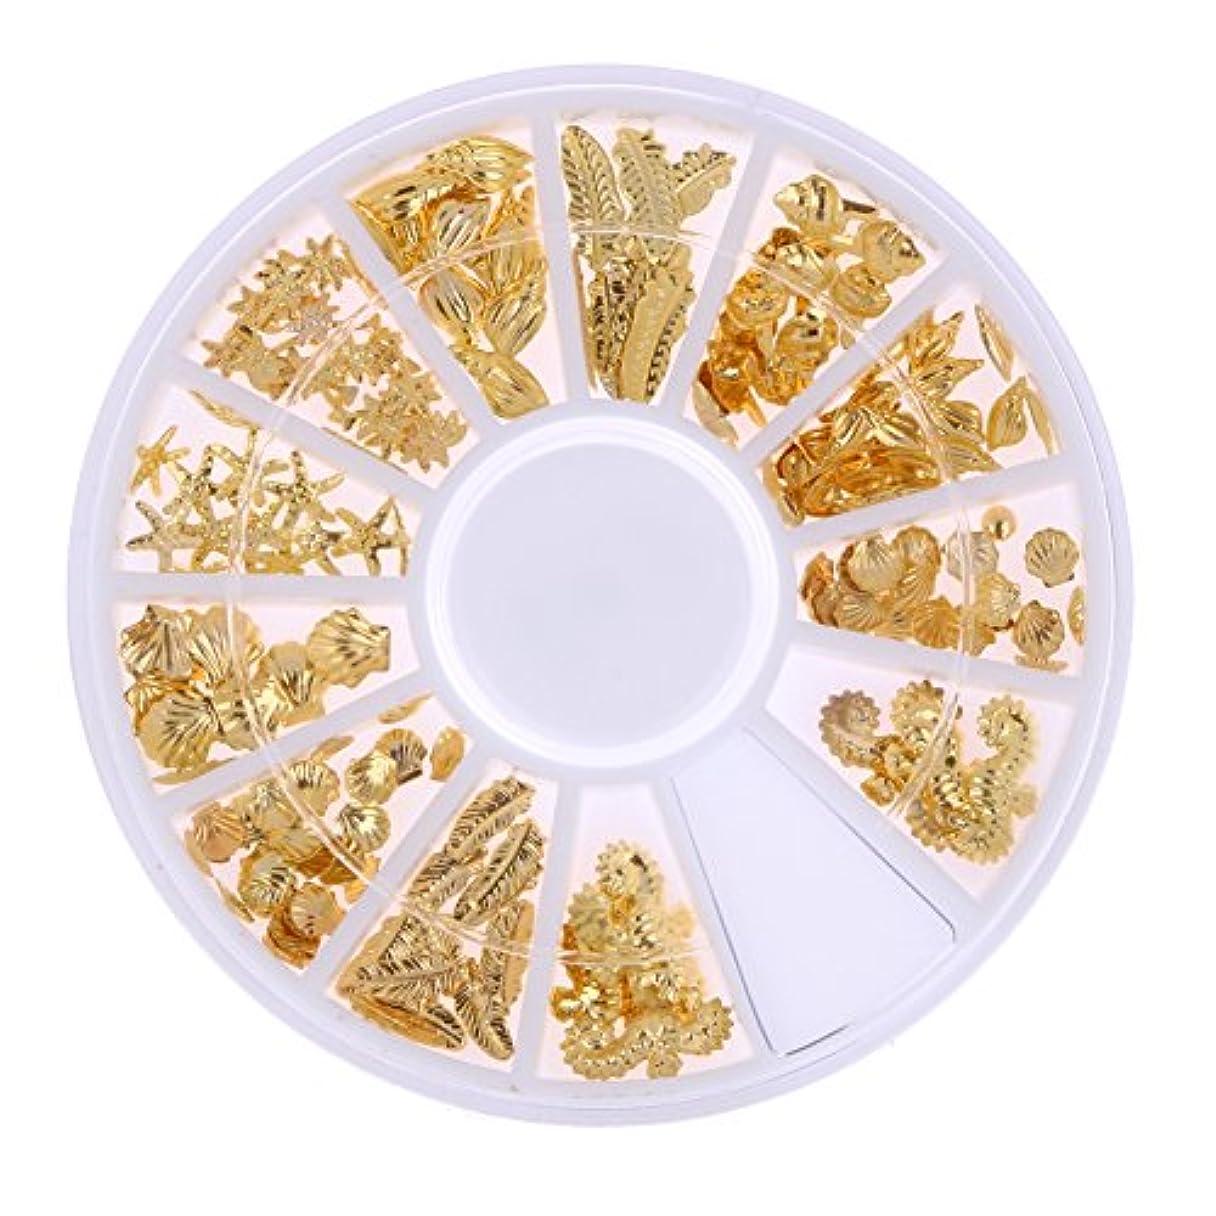 着実にバブルレジデンスDemiawaking ネイルパーツ メタル ネイルアート ゴールド 海テーマ(貝殻/海馬/海星) 12種類 DIY ネイルデコレーション ラウンドケース入 1個